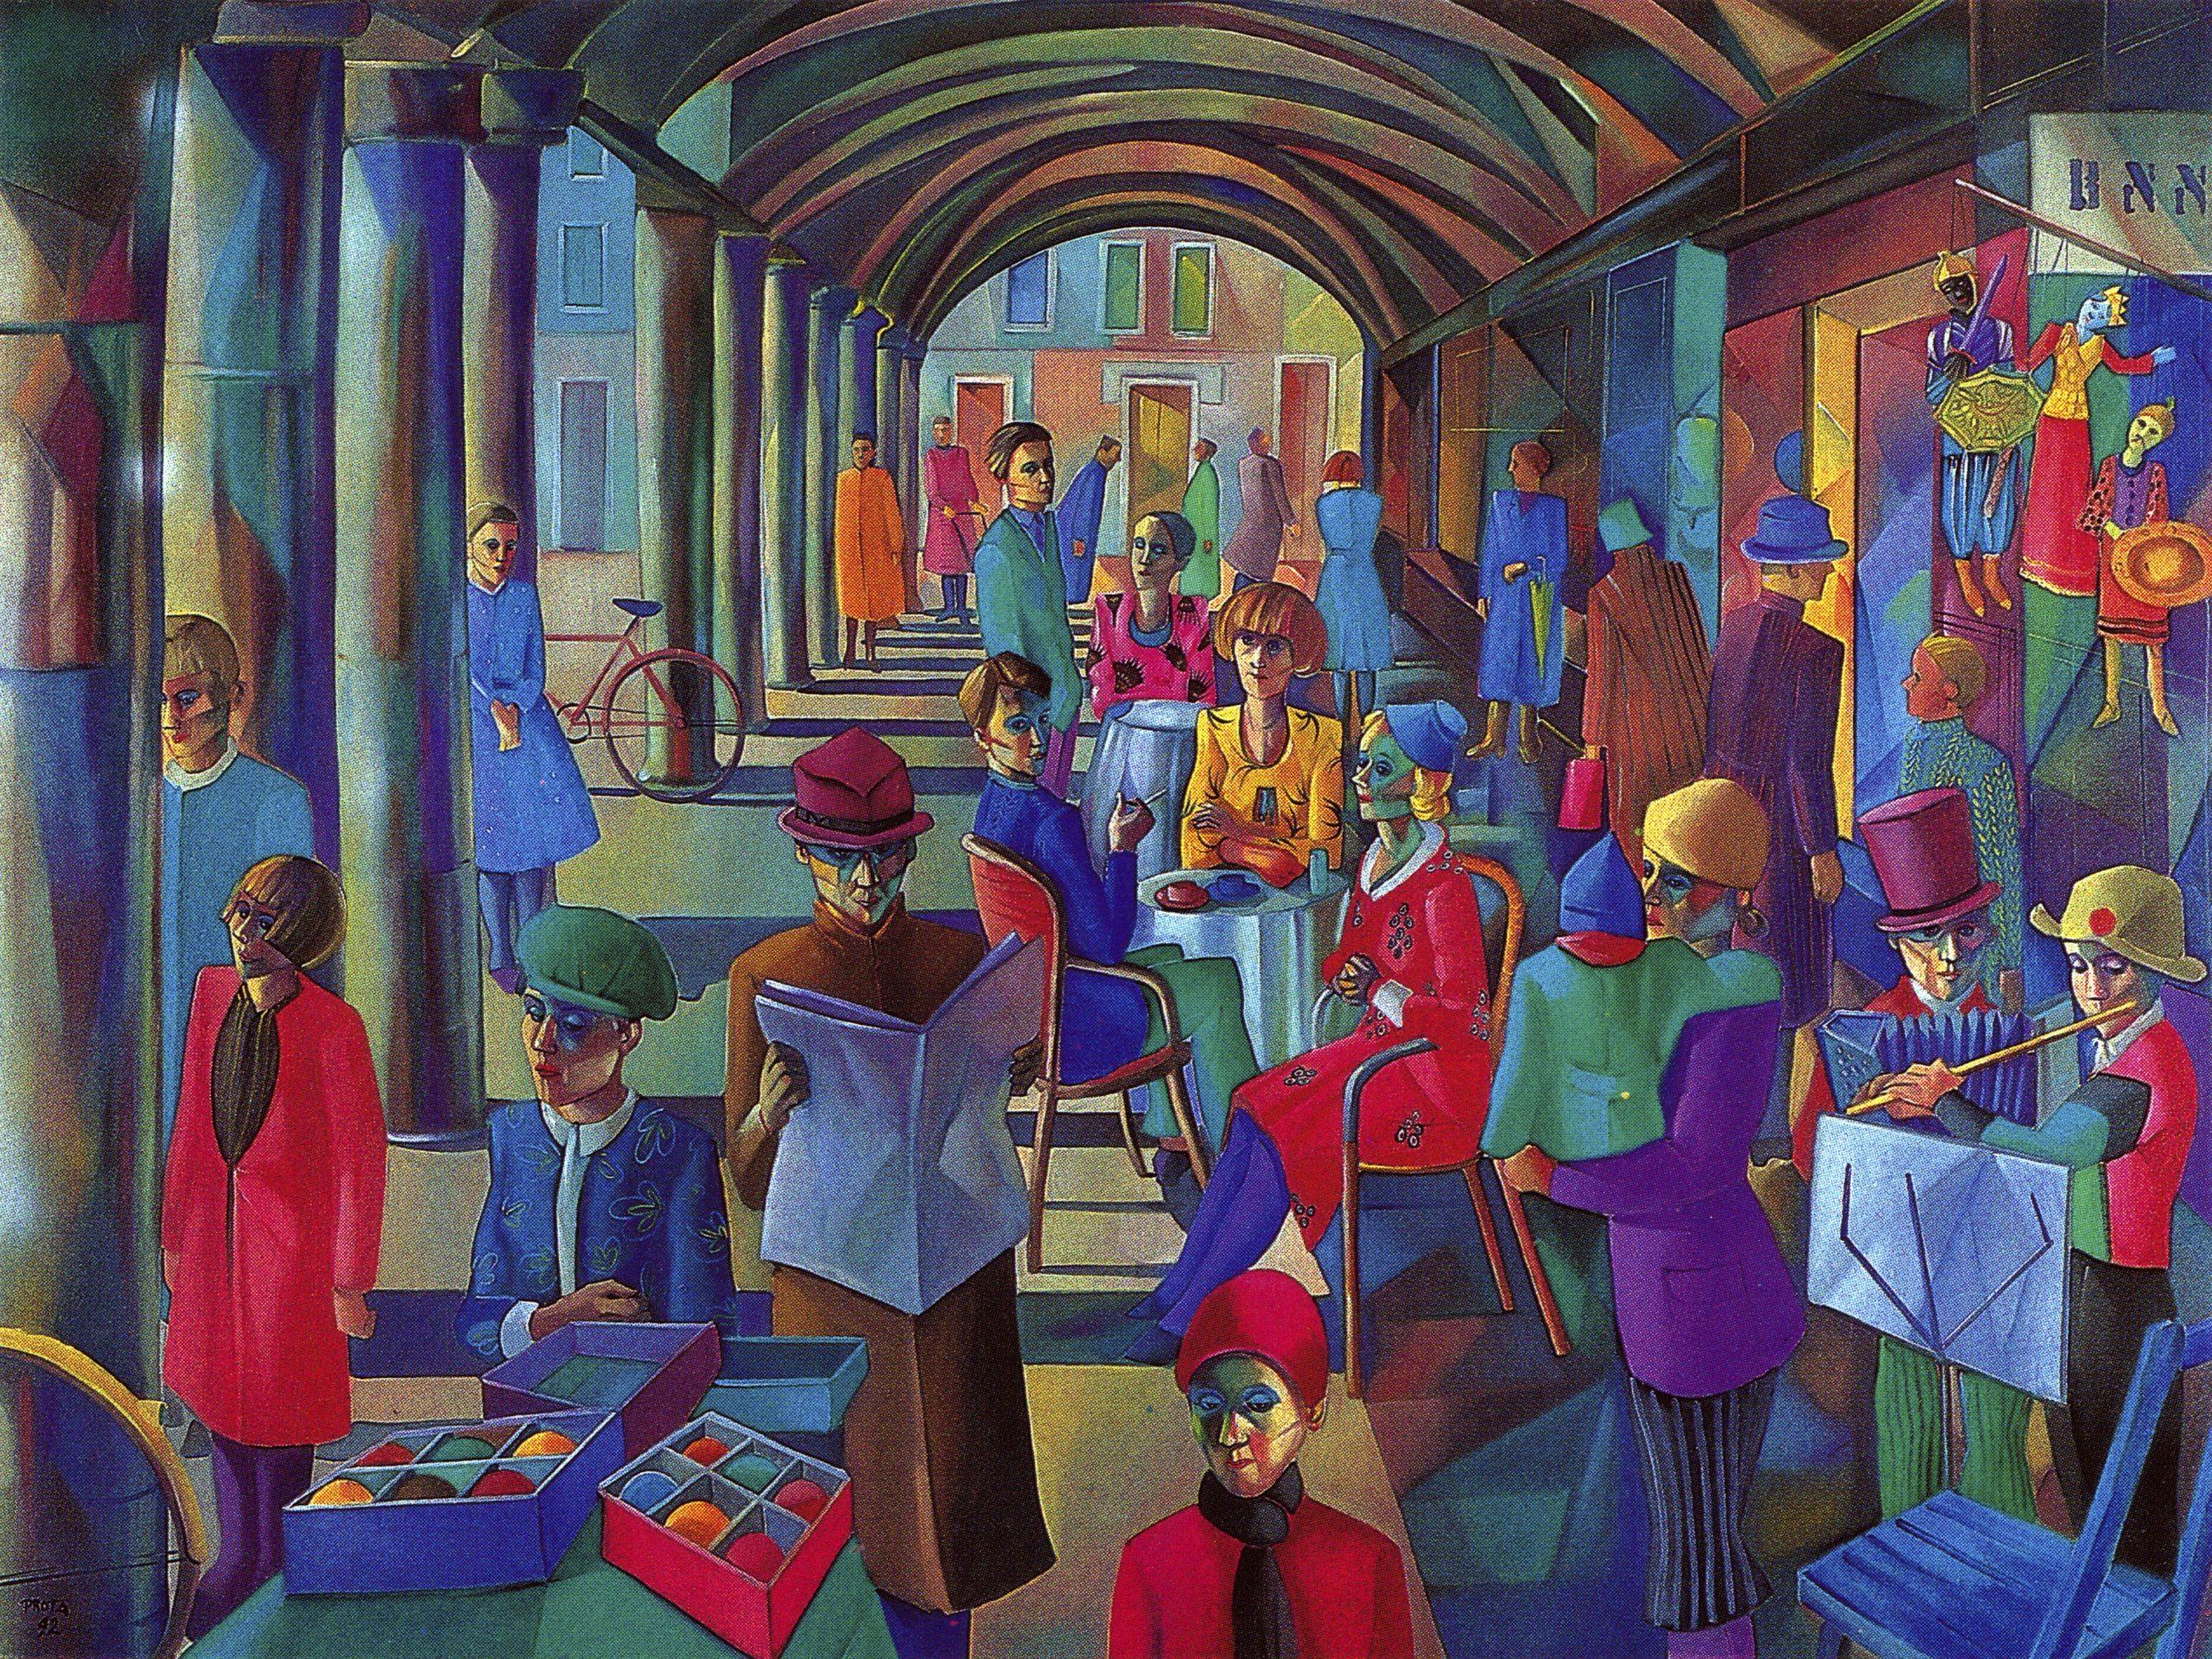 2004 - Domenica Pomeriggio - 150x200 cm